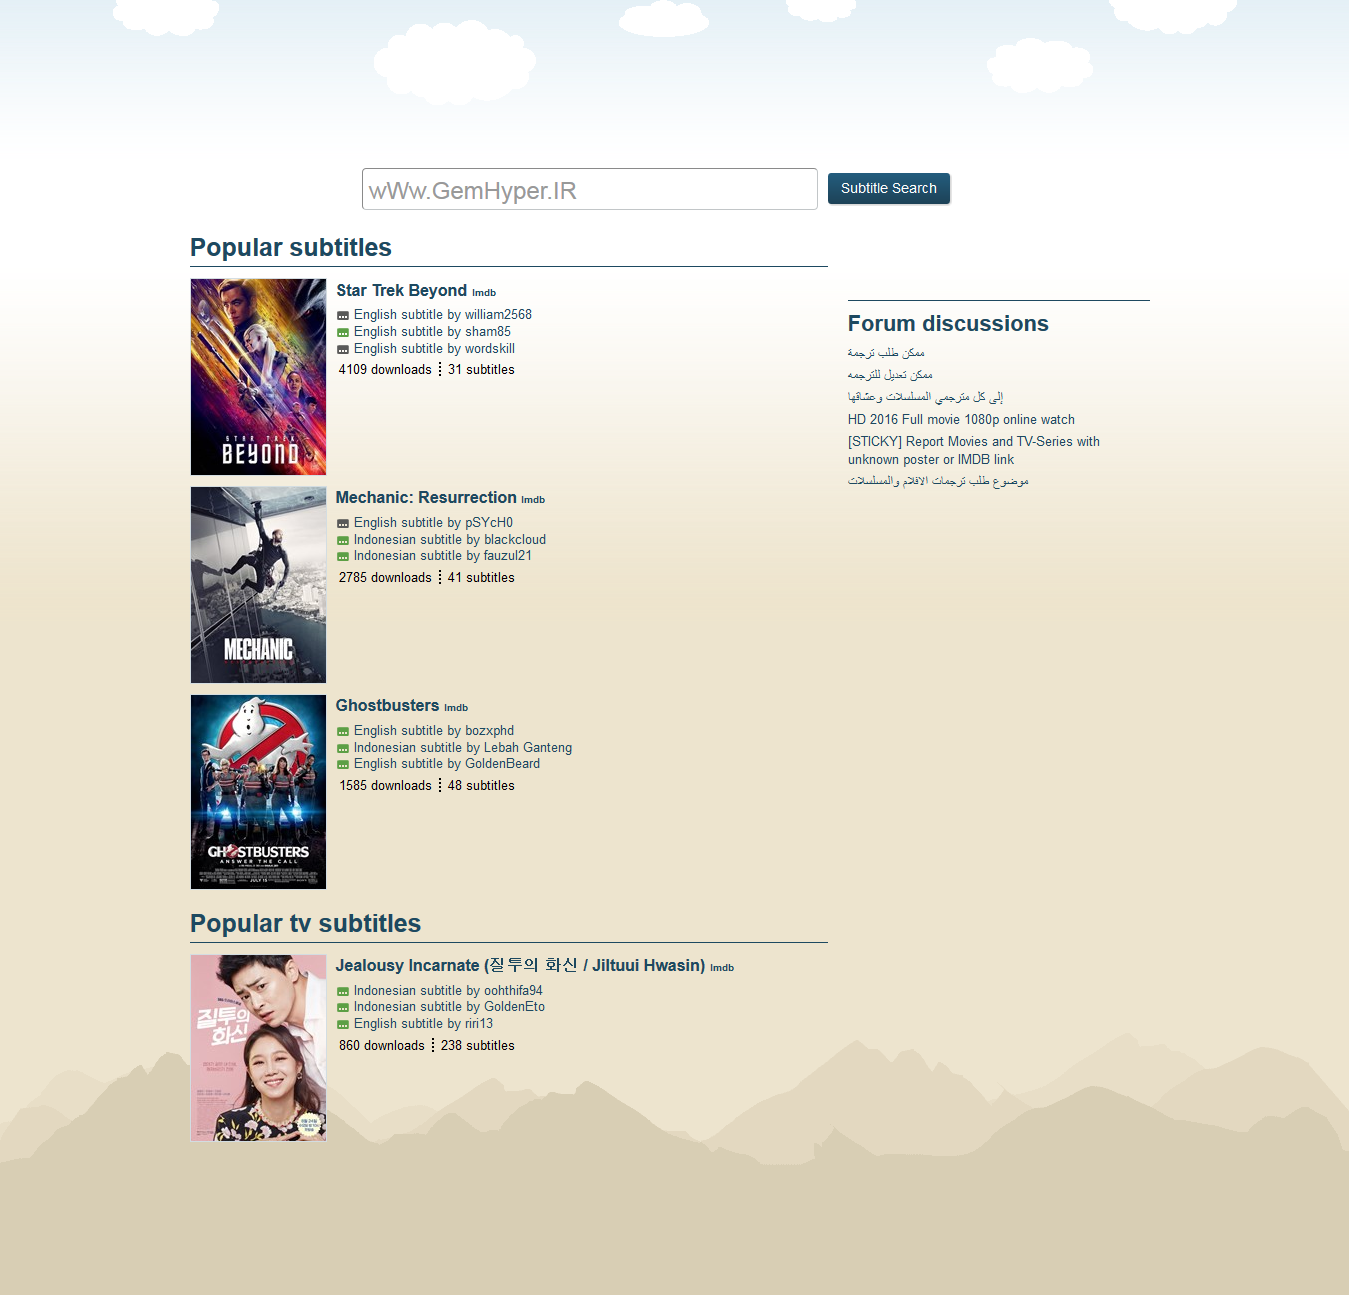 firefox_screenshot_2016-09-29t16-53-21-453z اسکریپت زیرنویس اسکریپت هوشمند زیرنویس subscene Firefox Screenshot 2016 09 29T16 53 21